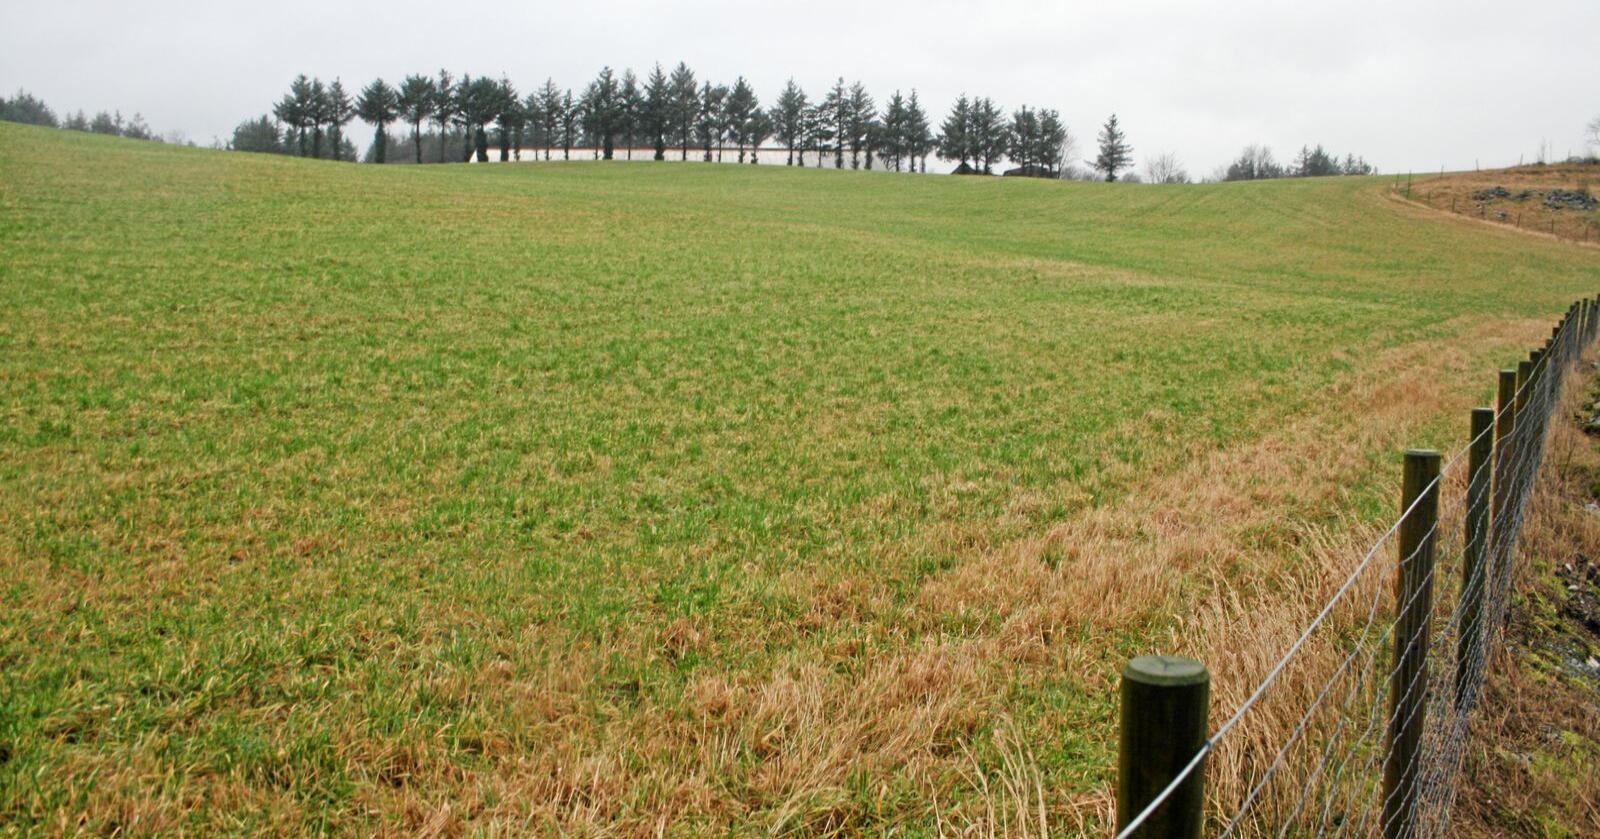 """Nedbygging: """"NK2"""", en del av  jordbruksområdet i Time på Jæren som er foreslått brukt til datasenter og annen kraftkrevande industri. Foto: Bjarne Bekkeheien Aase."""